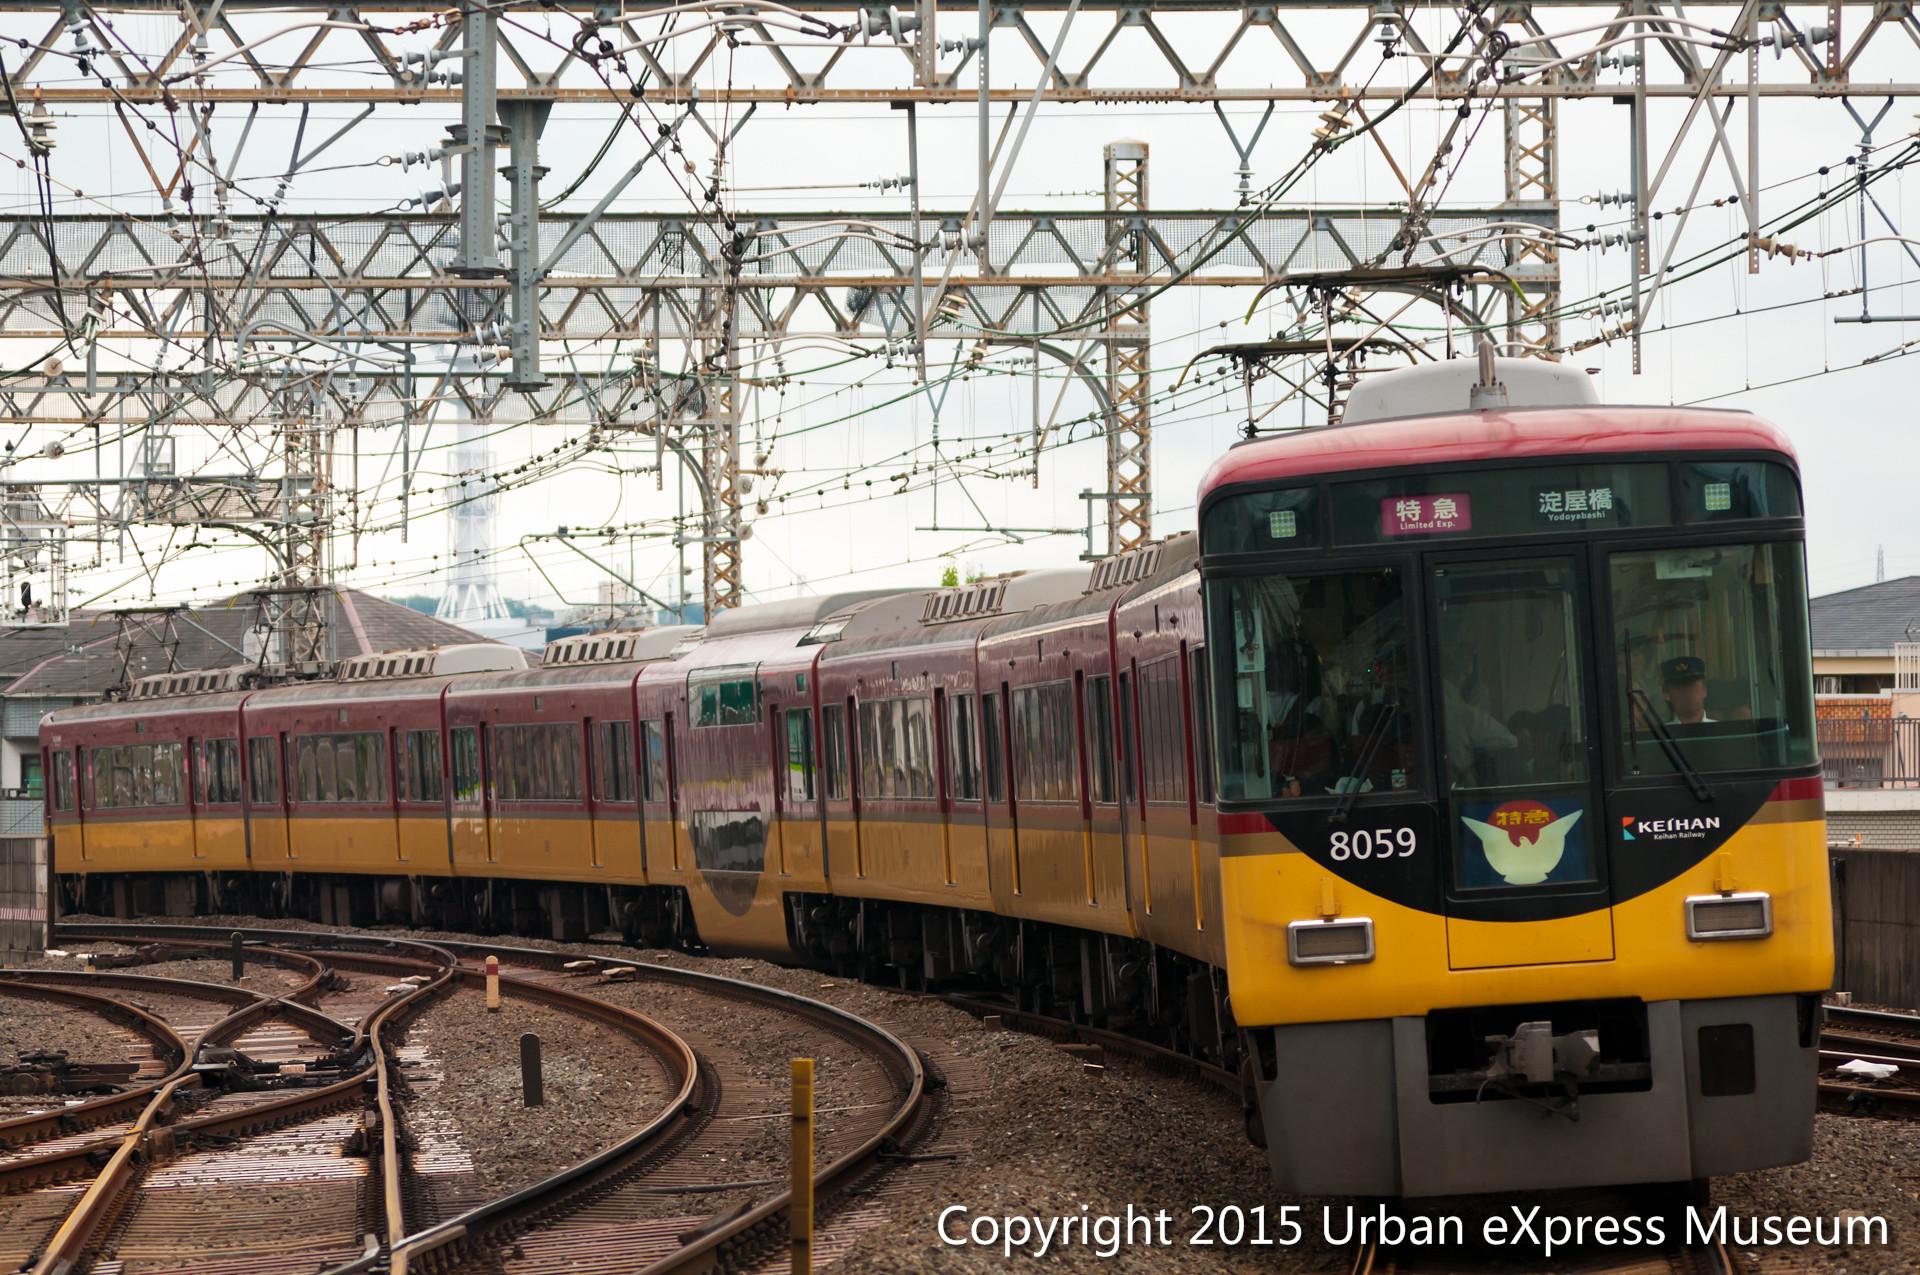 京阪8000系 - アウトカーブを曲がる8000系 - Urban eXpress Museum